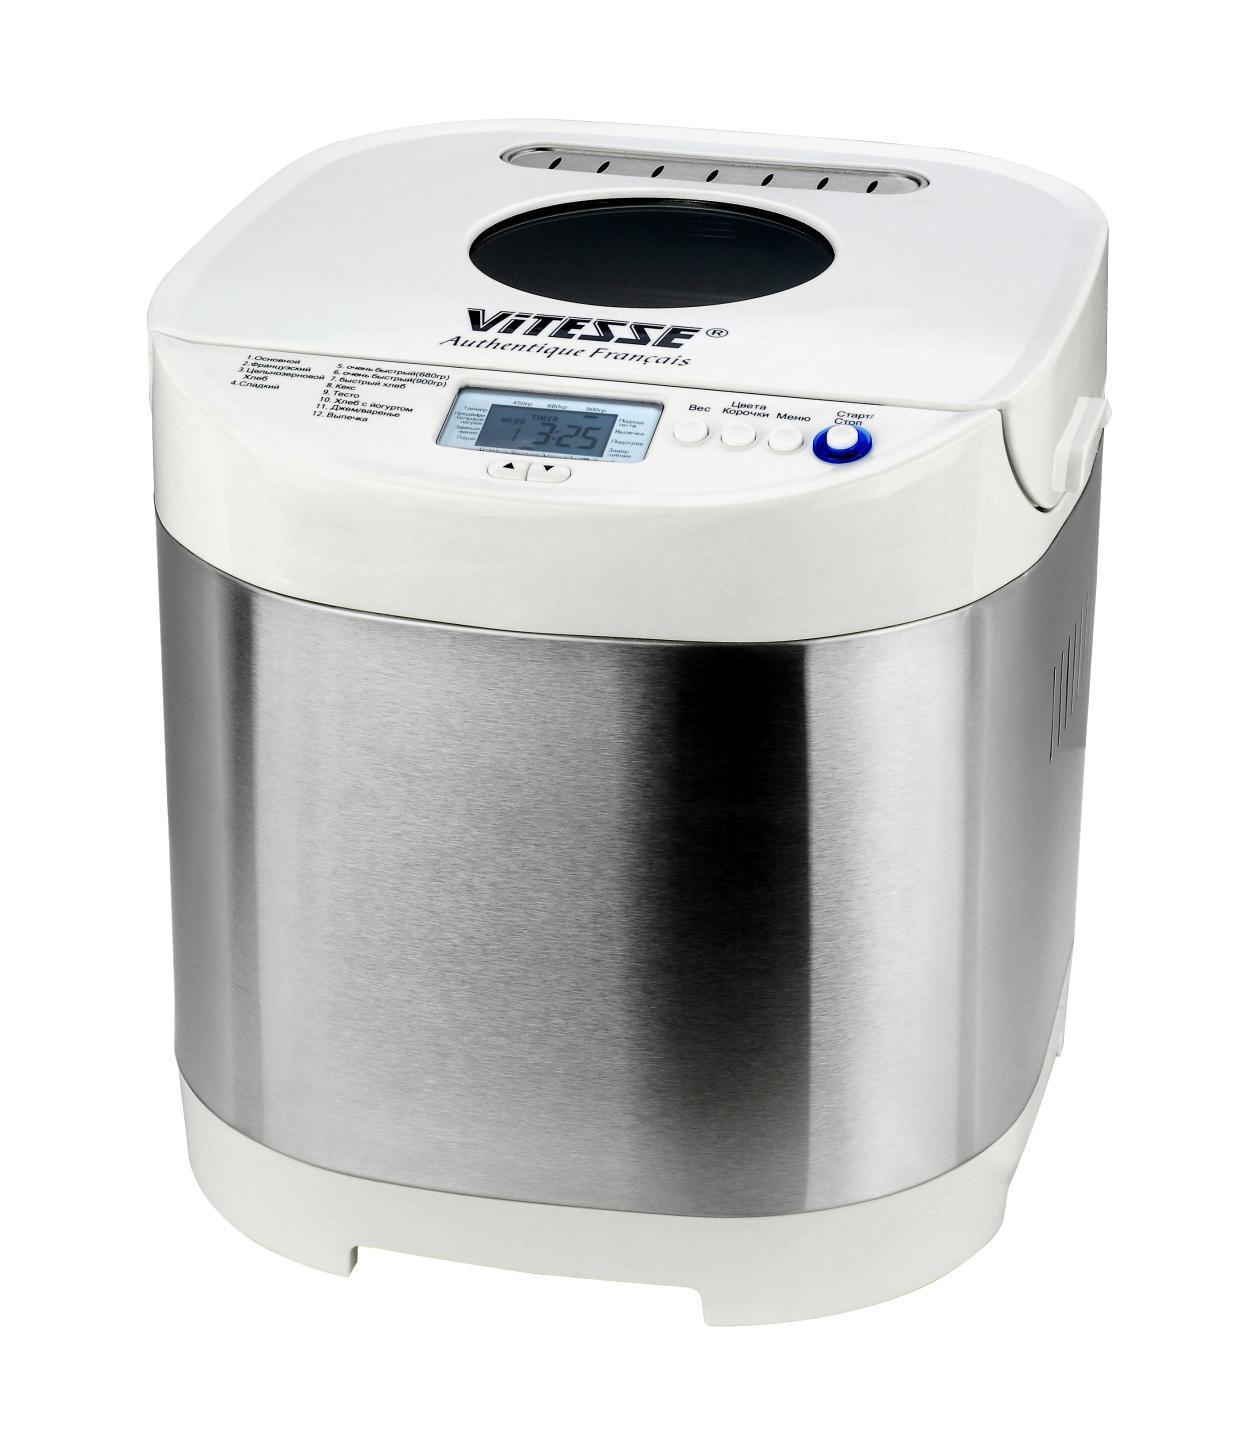 Vitesse VS-427VS-427Хлебопечка Vitesse VS-427 Свежий ароматный хлеб любят все. Но не всегда удается приобрести такой хлеб в магазине или в частной хлебопекарне. Зато можно купить хлебопечку и выпекать хлеб самостоятельно, с учетом своих пожеланий и потребностей. Скажем сразу, цены на эти устройства зависят от их продвинутости — количества программ и дополнительных функций.